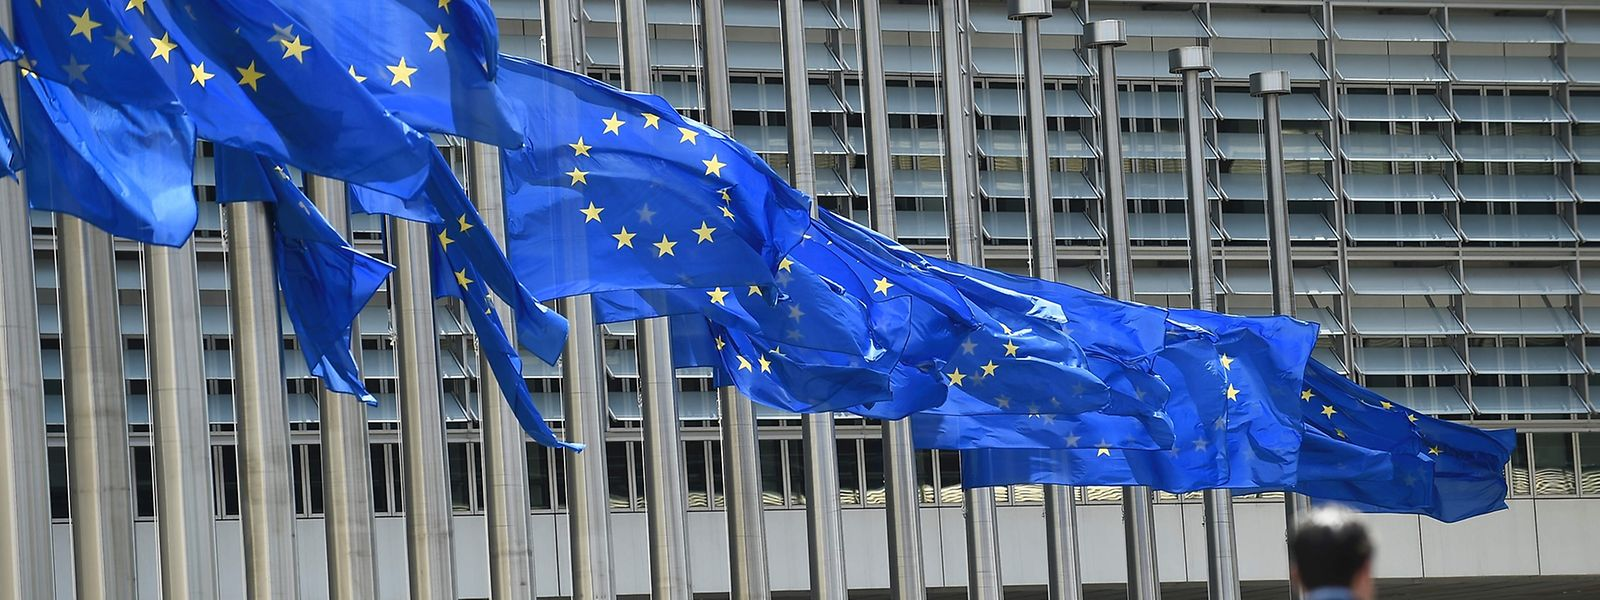 Seit dem Anschlag in Nice stehen die Flaggen vor der EU-Kommission in Brüssel auf Halbmast.